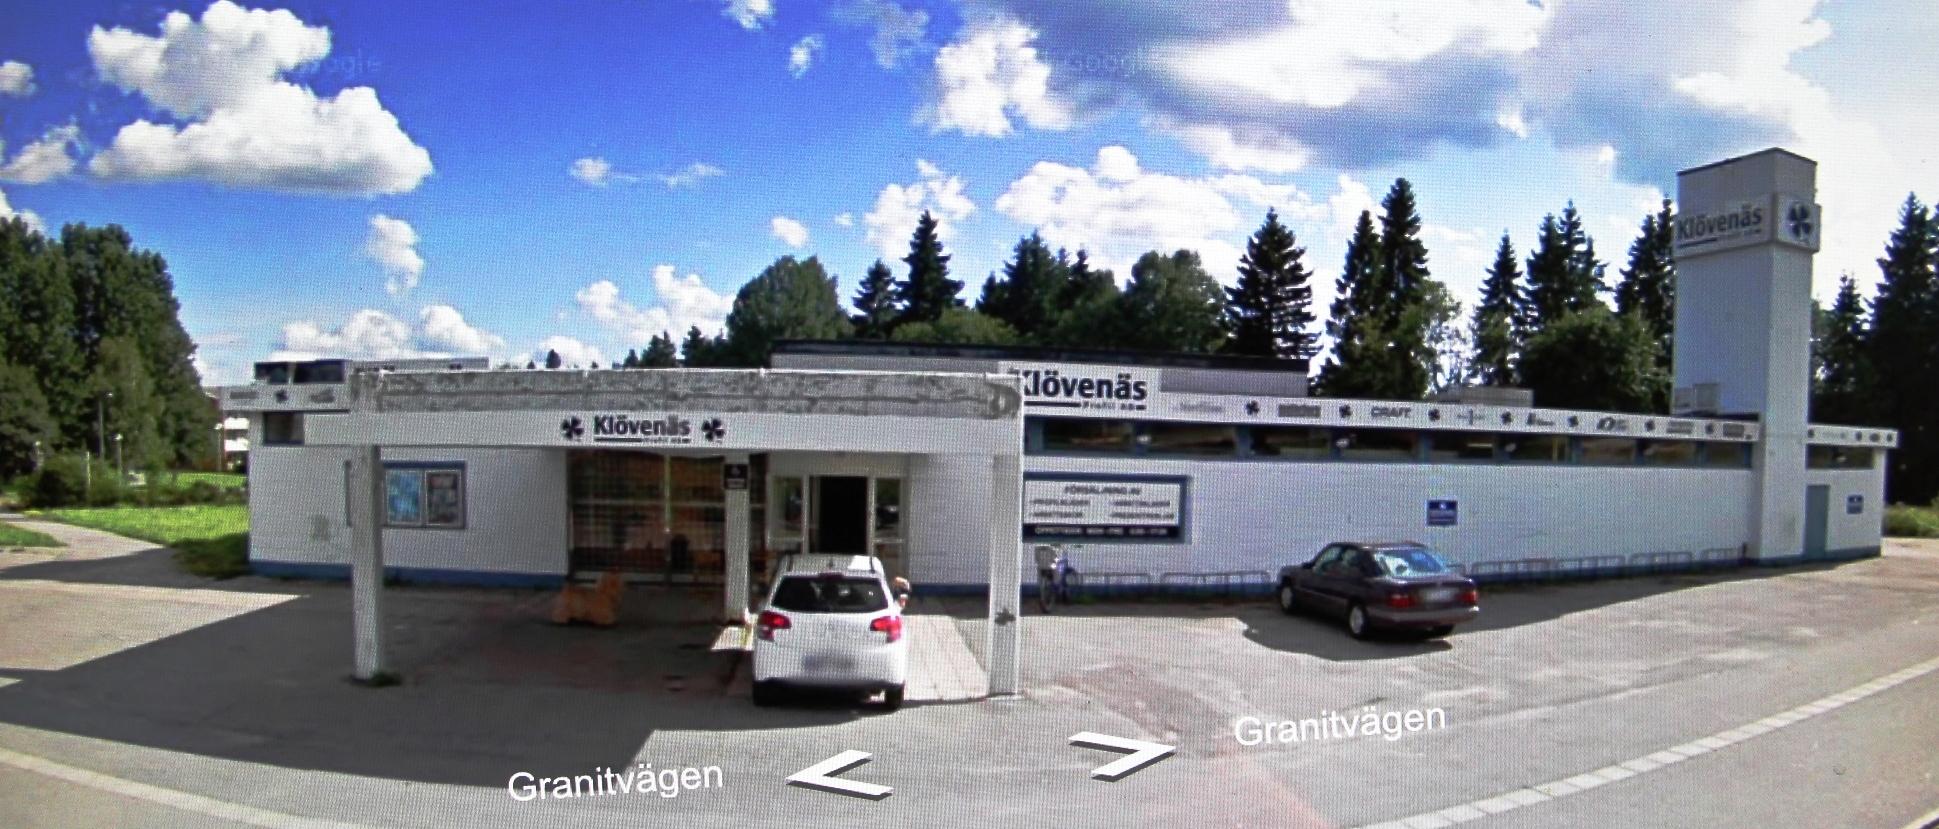 Granitvägen 20, Gävle